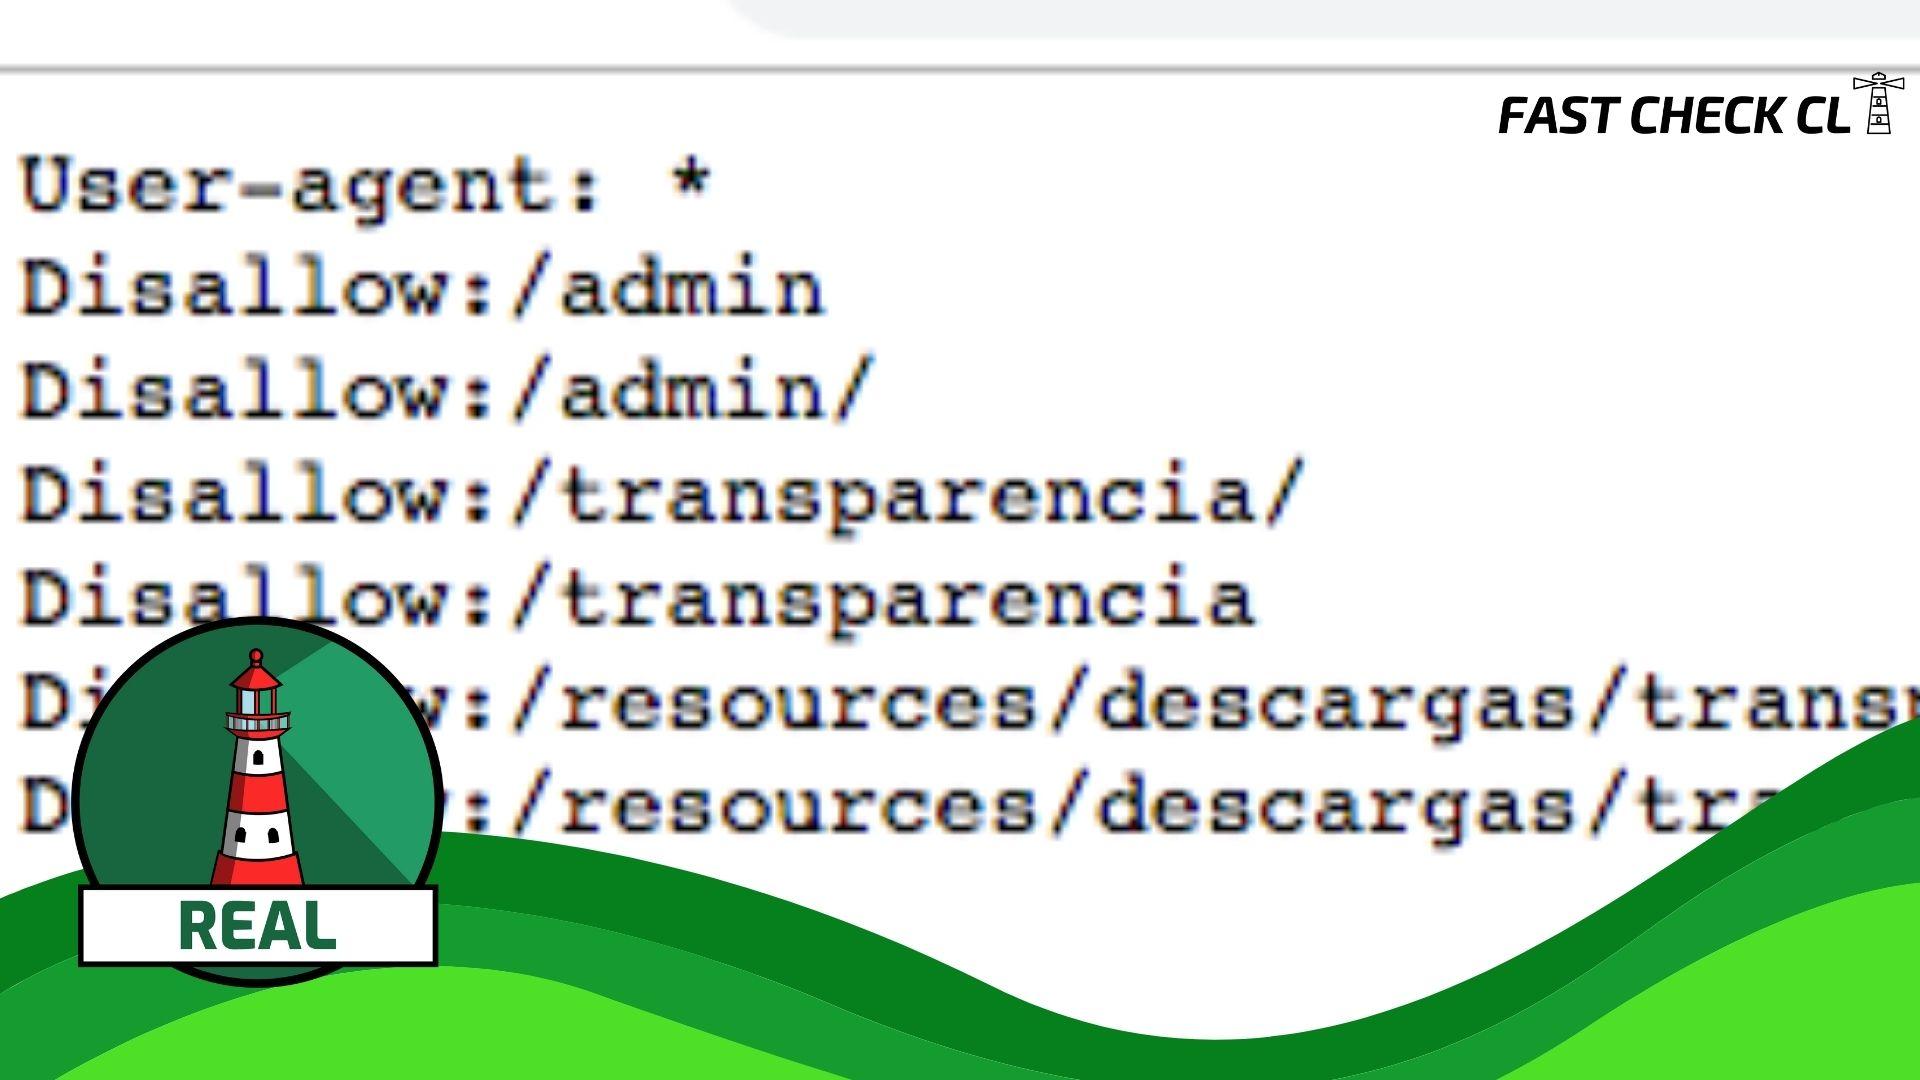 Las Condes y Vitacura tienen bloqueada la indexación de Transparencia Activa de Google y otros buscadores: #Real